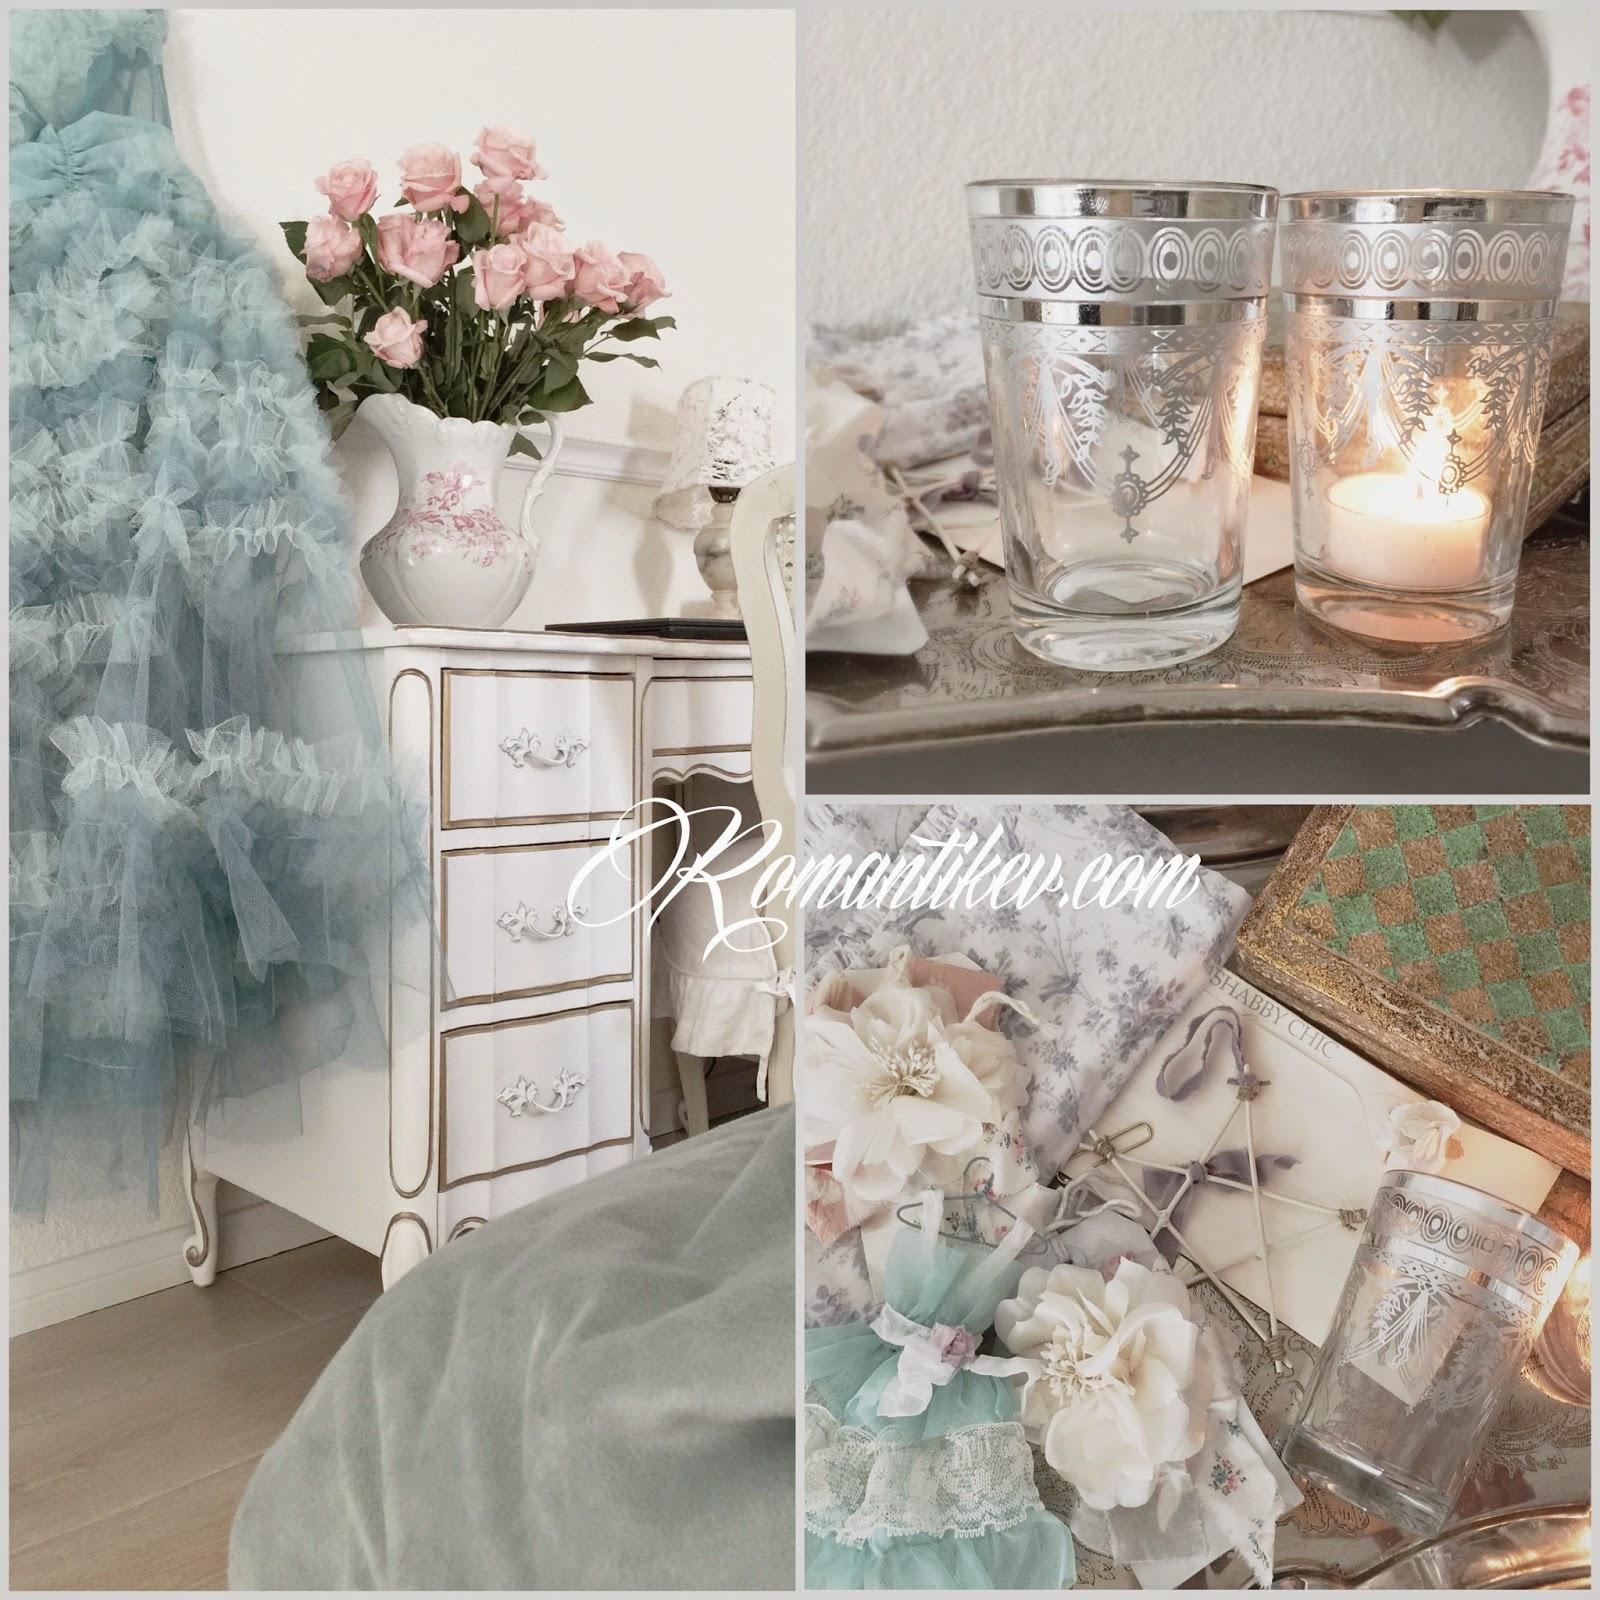 Modern stil yatak odas dekorasyon 214 rnekleri dekorasyon tarz - Evimin Dekorasyonu Romantik Romantik Dekorasyon Blogu